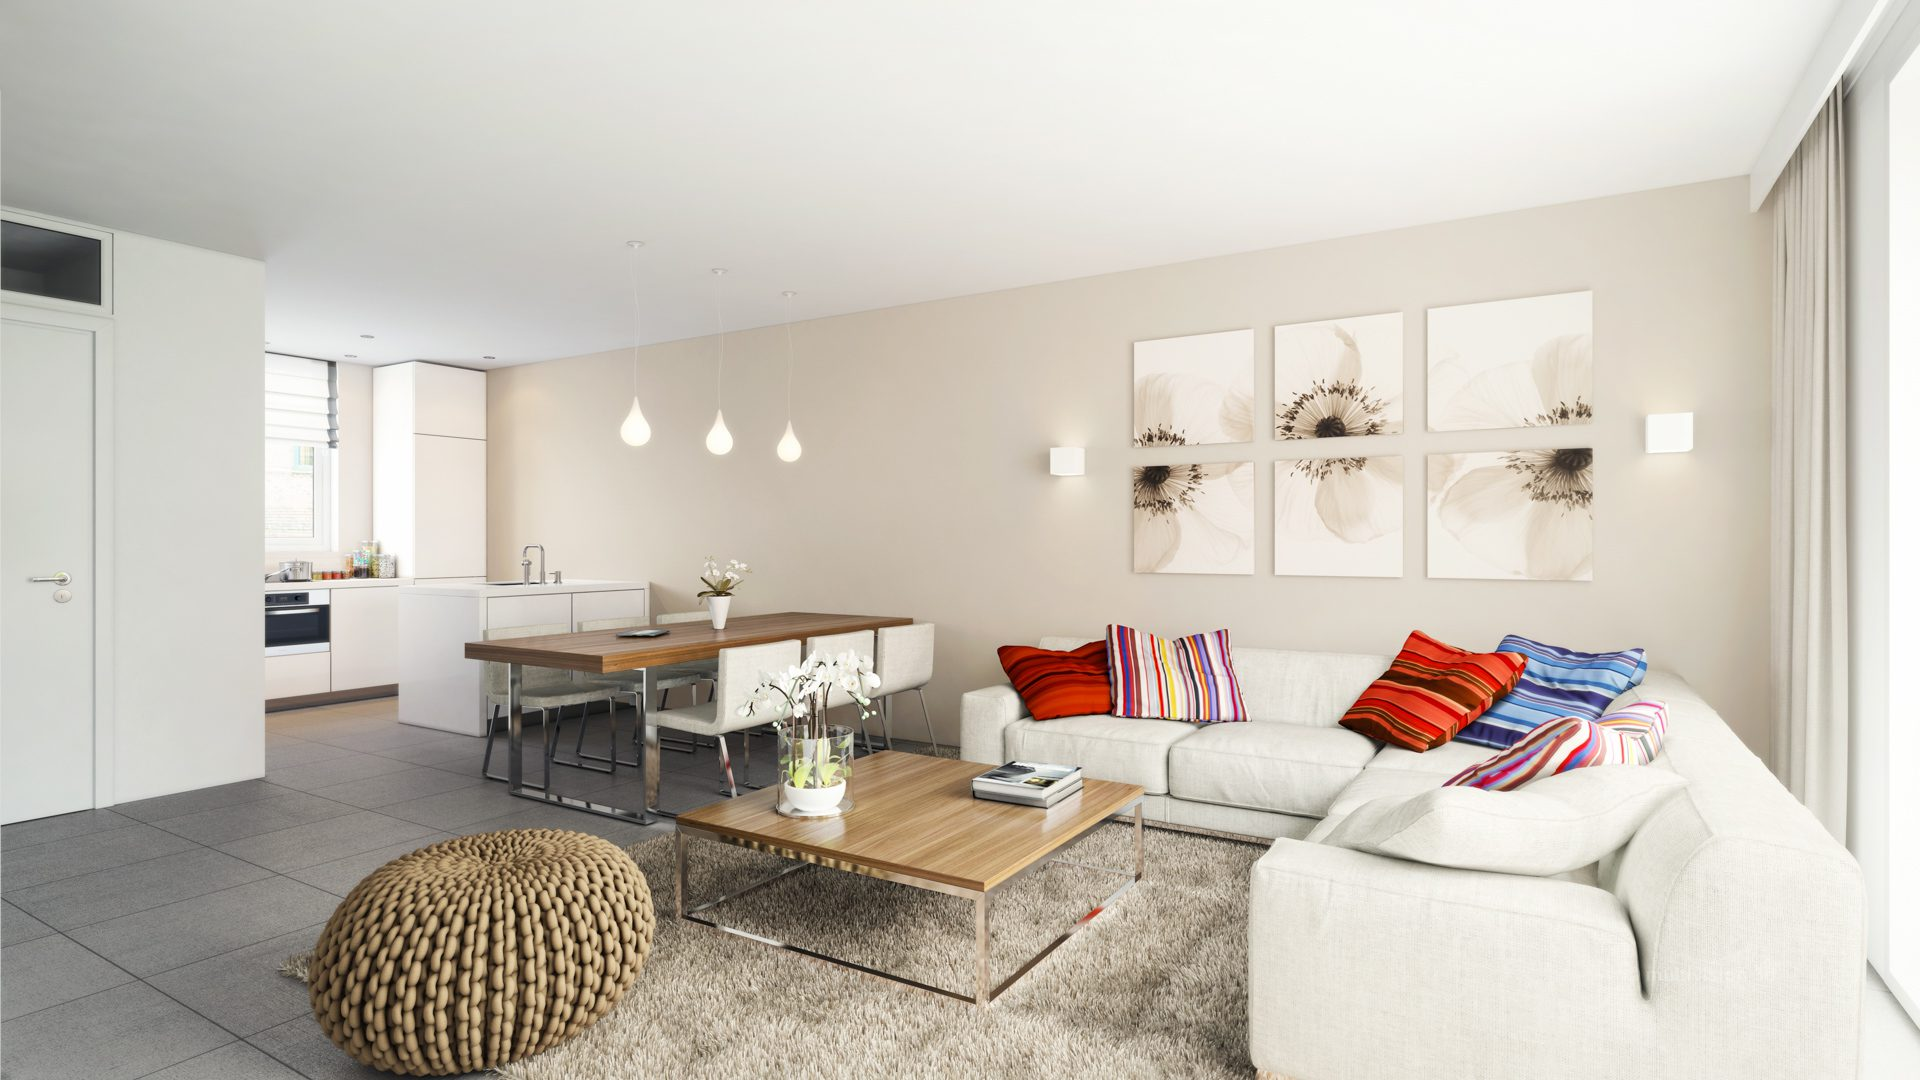 interieur impressie la cour bleue 7 multivision 3d visualisatie. Black Bedroom Furniture Sets. Home Design Ideas